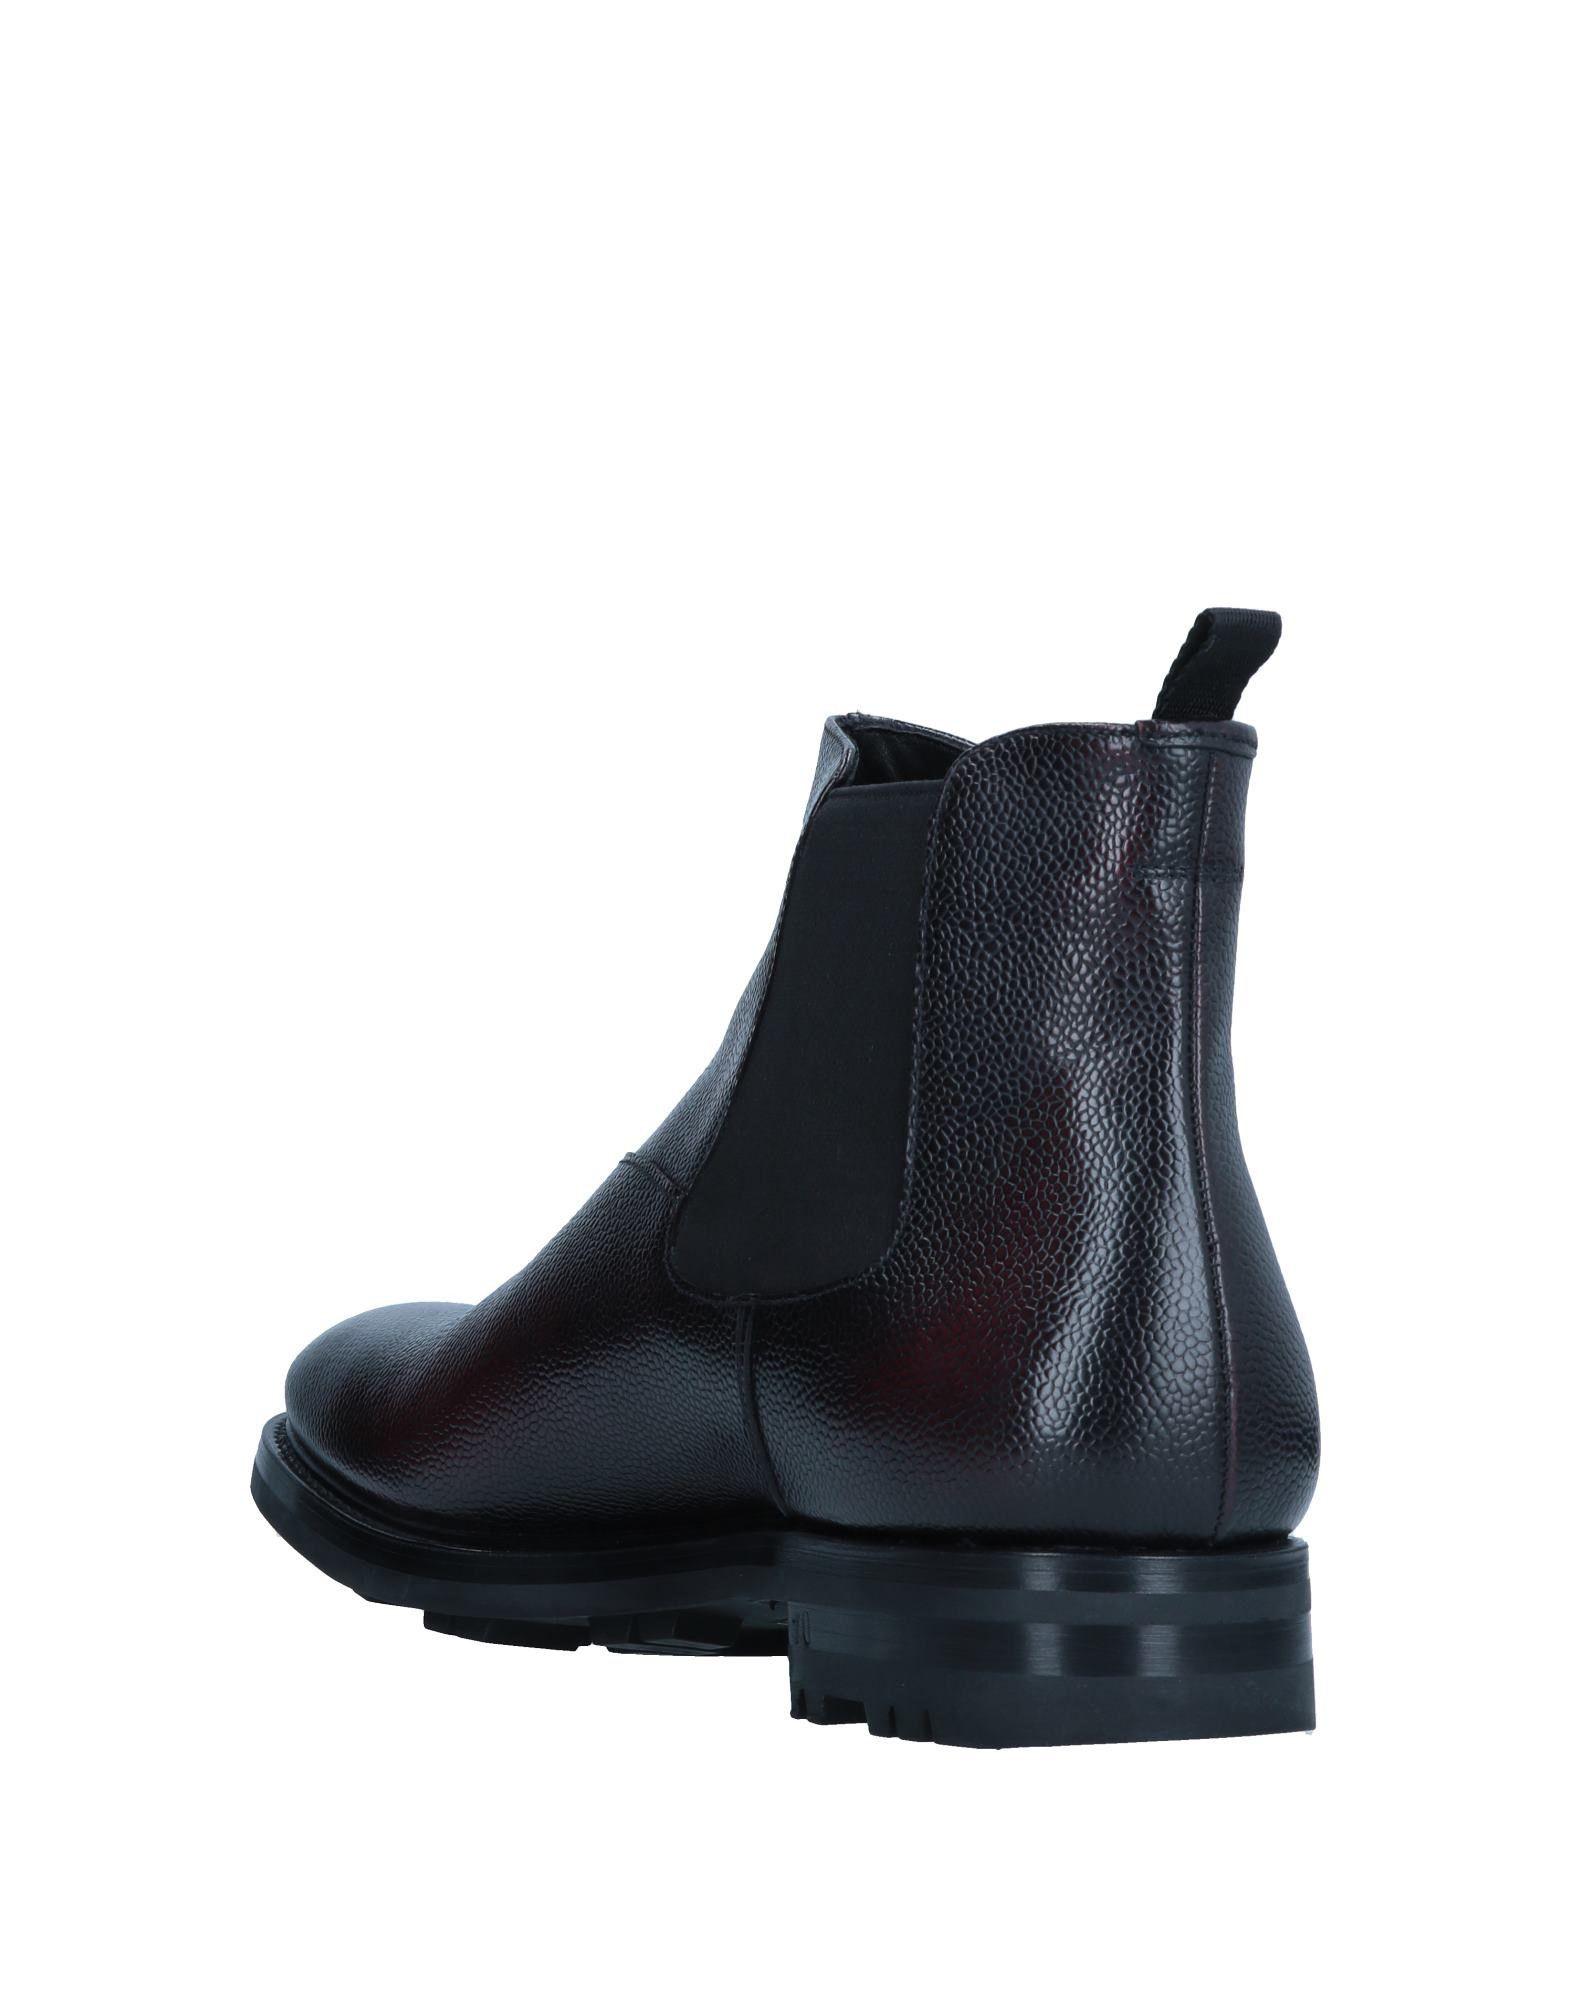 Prada Stiefelette Herren  11545585FA Gute Qualität beliebte Schuhe